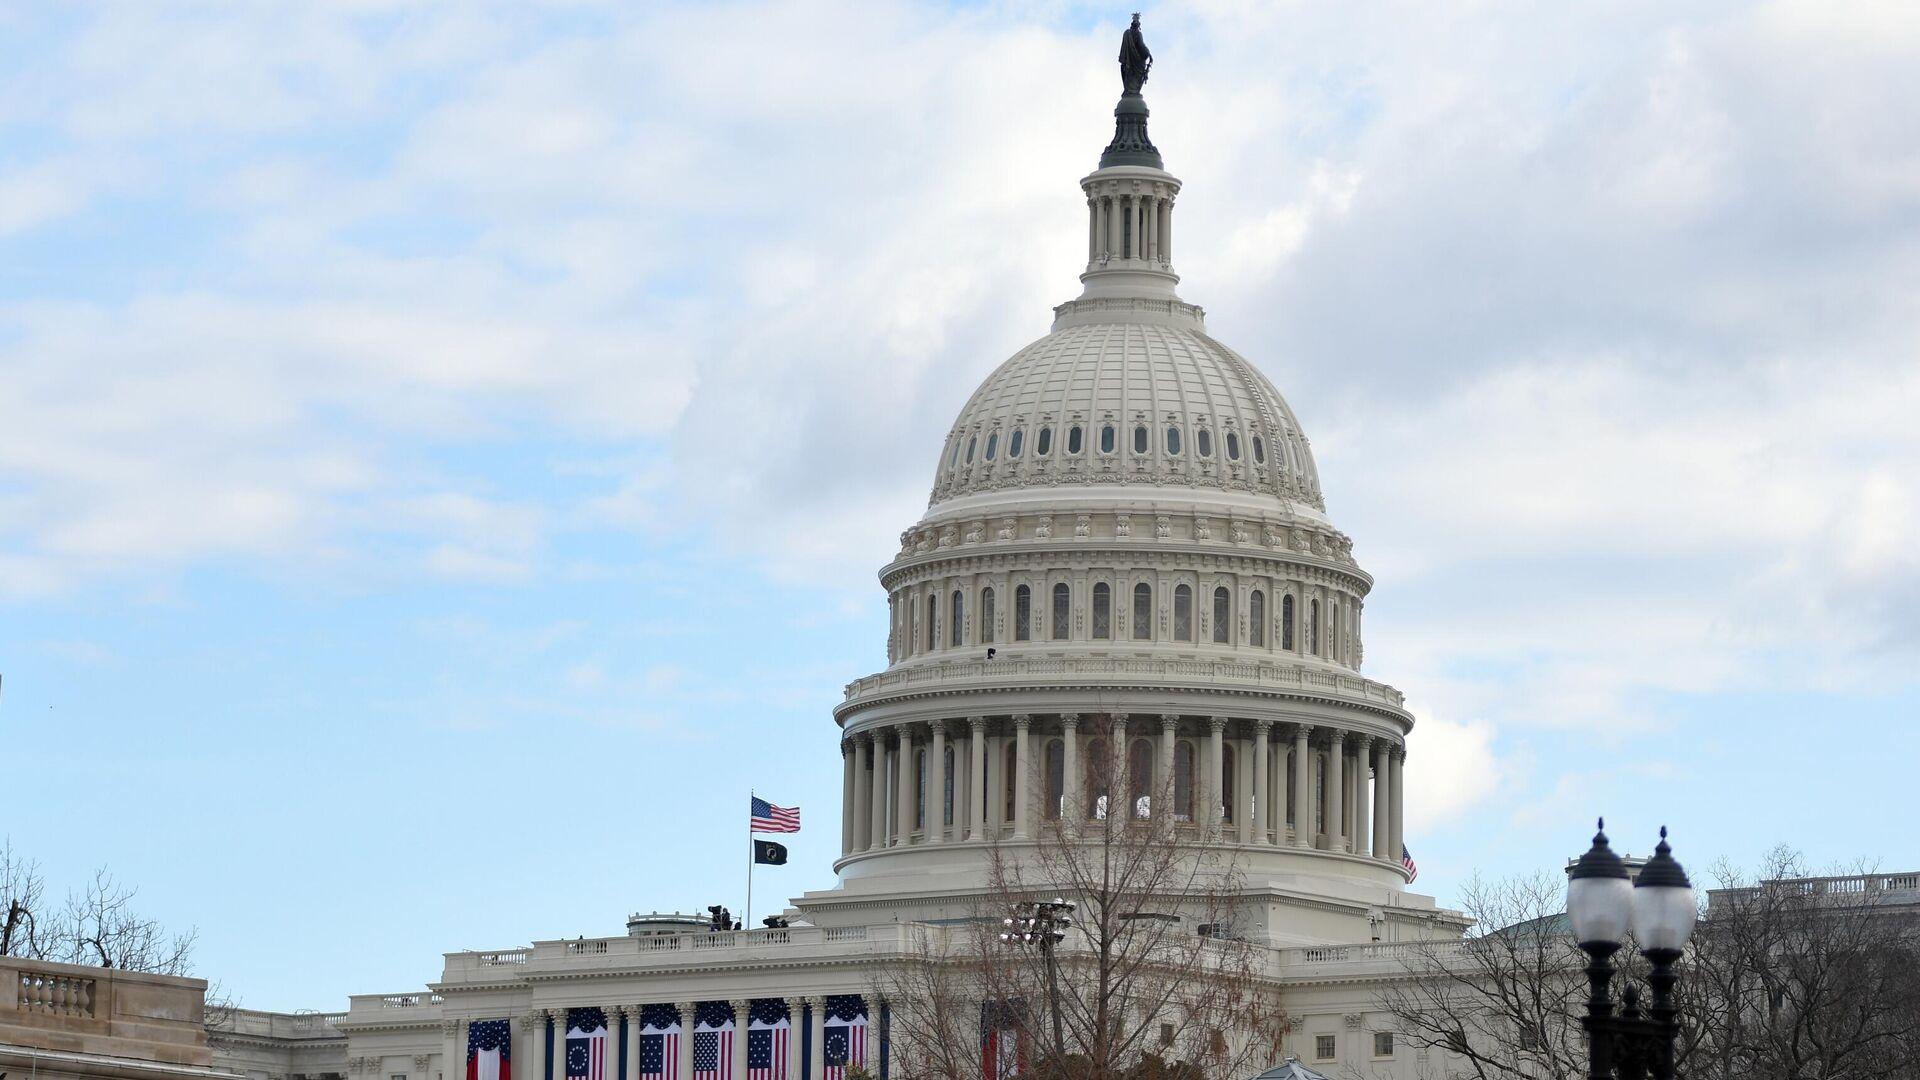 Здание Капитолия в Вашингтоне - РИА Новости, 1920, 14.10.2021